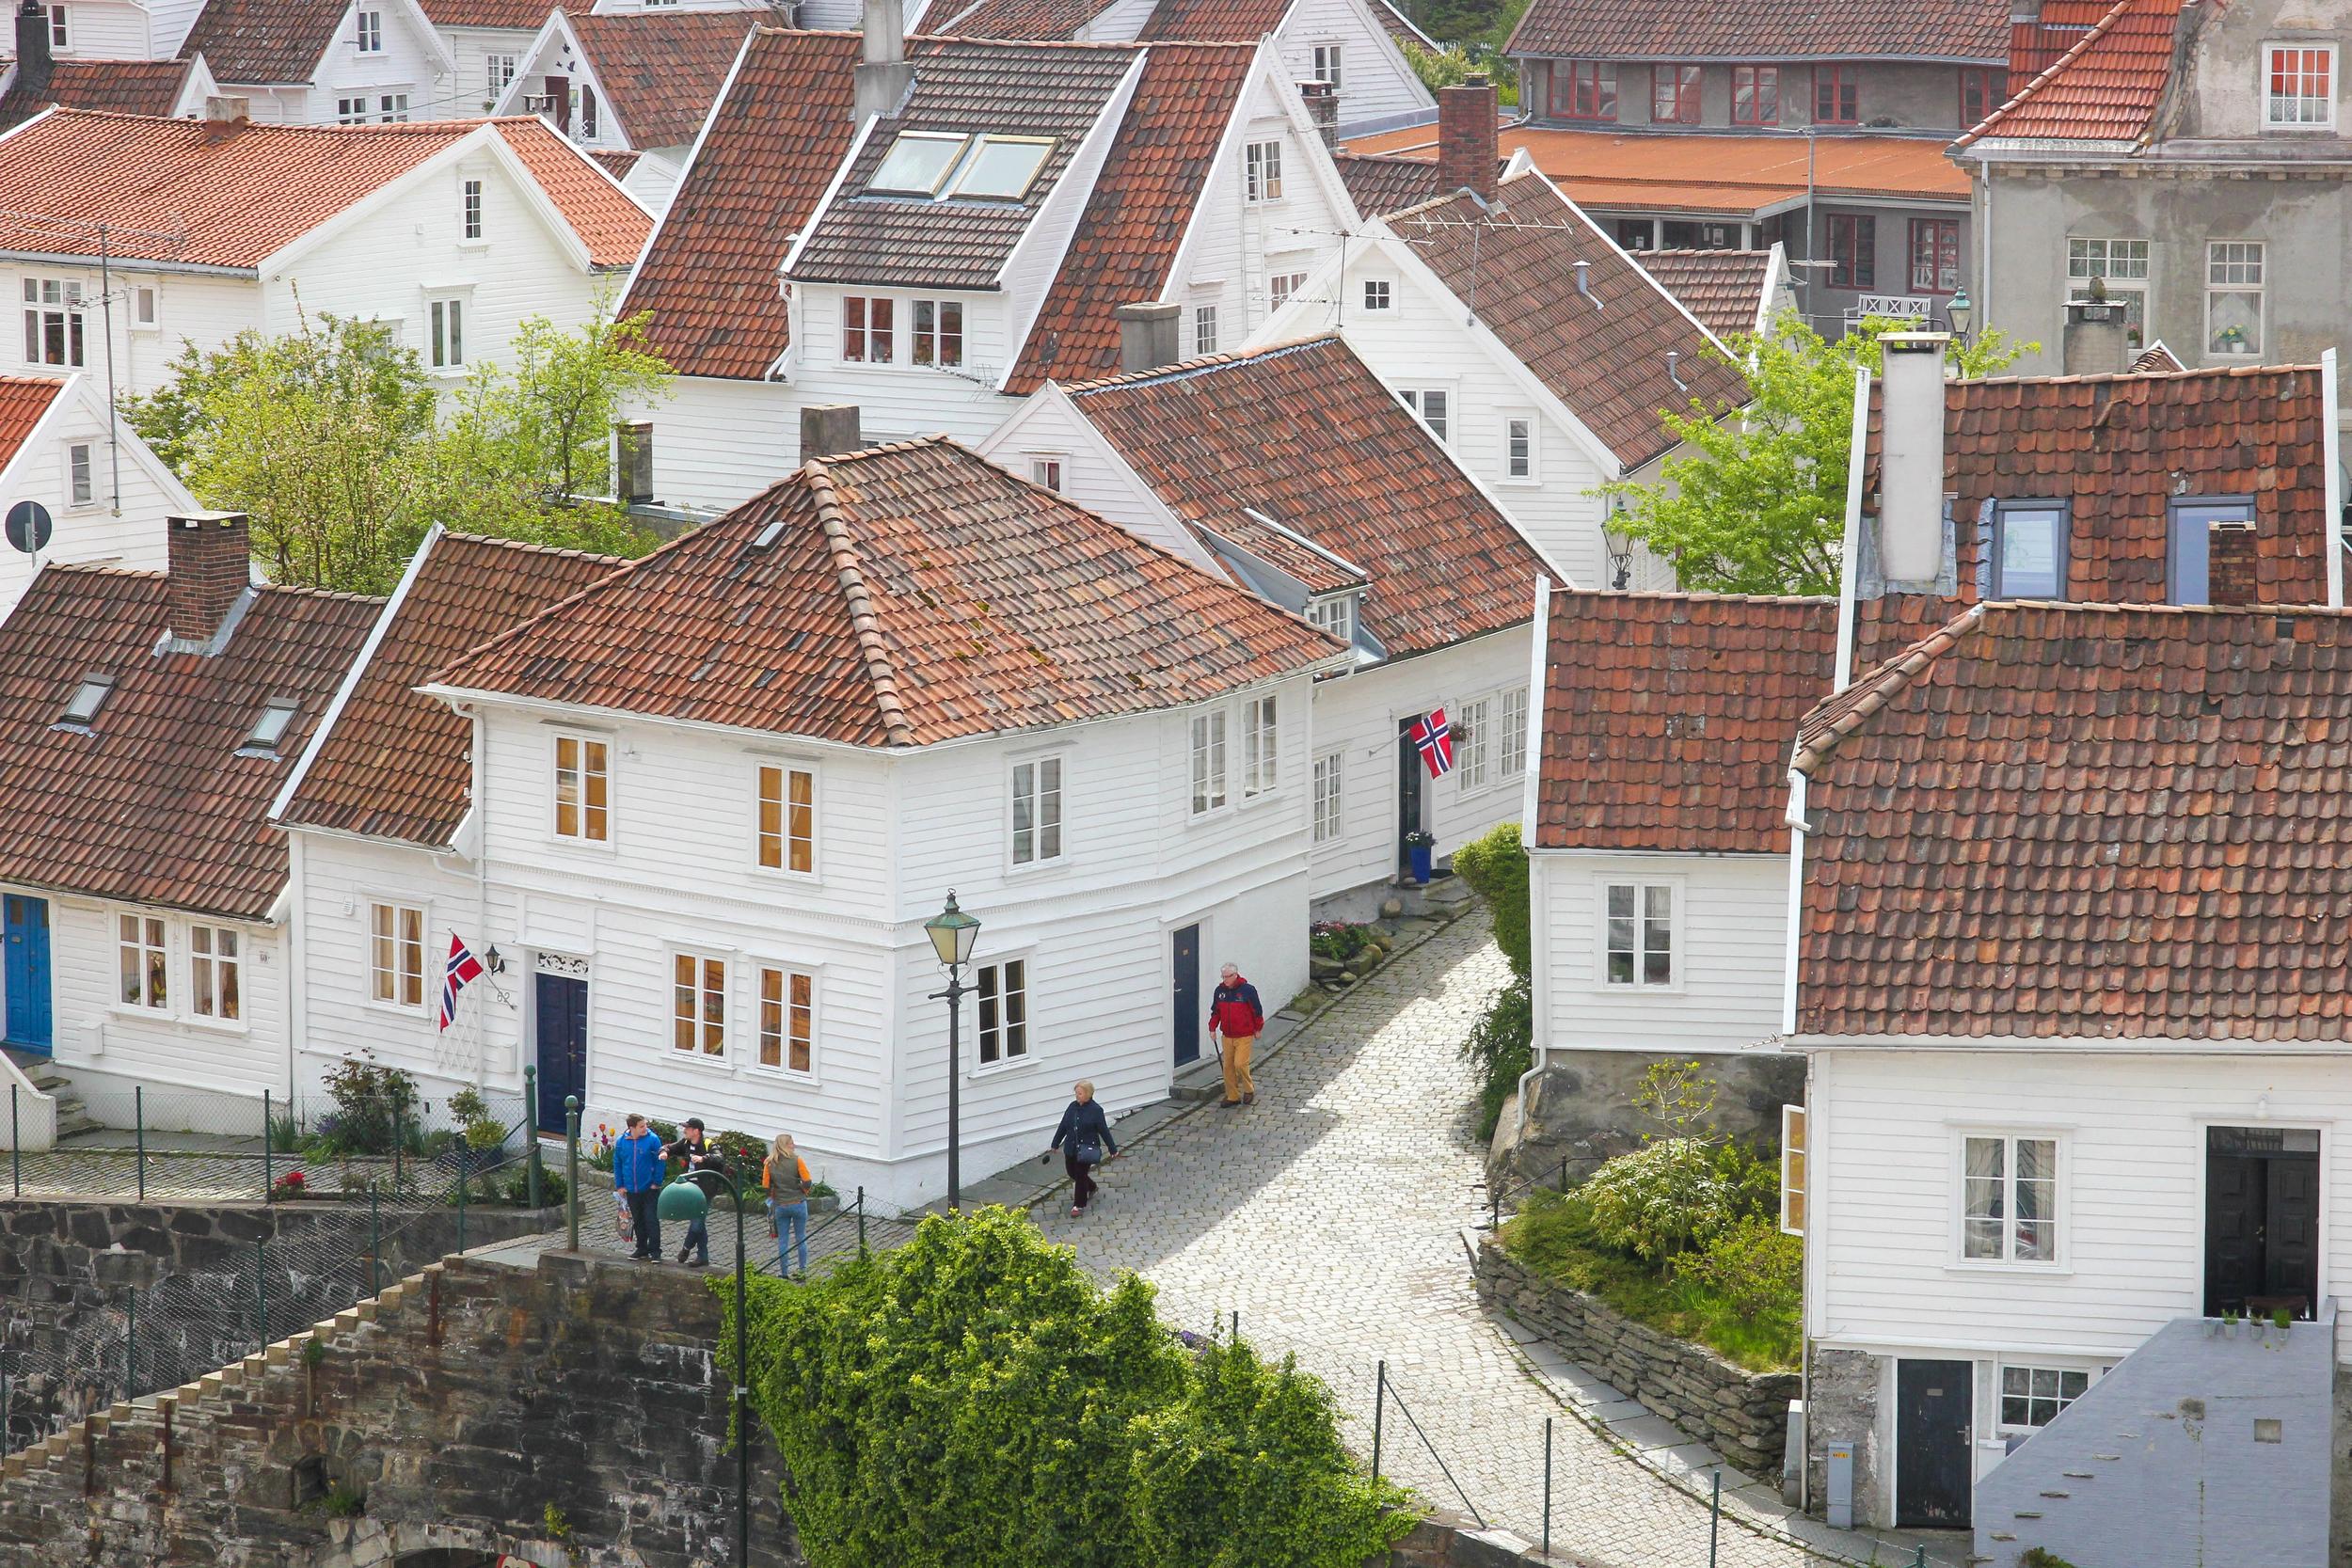 The city of Stavanger